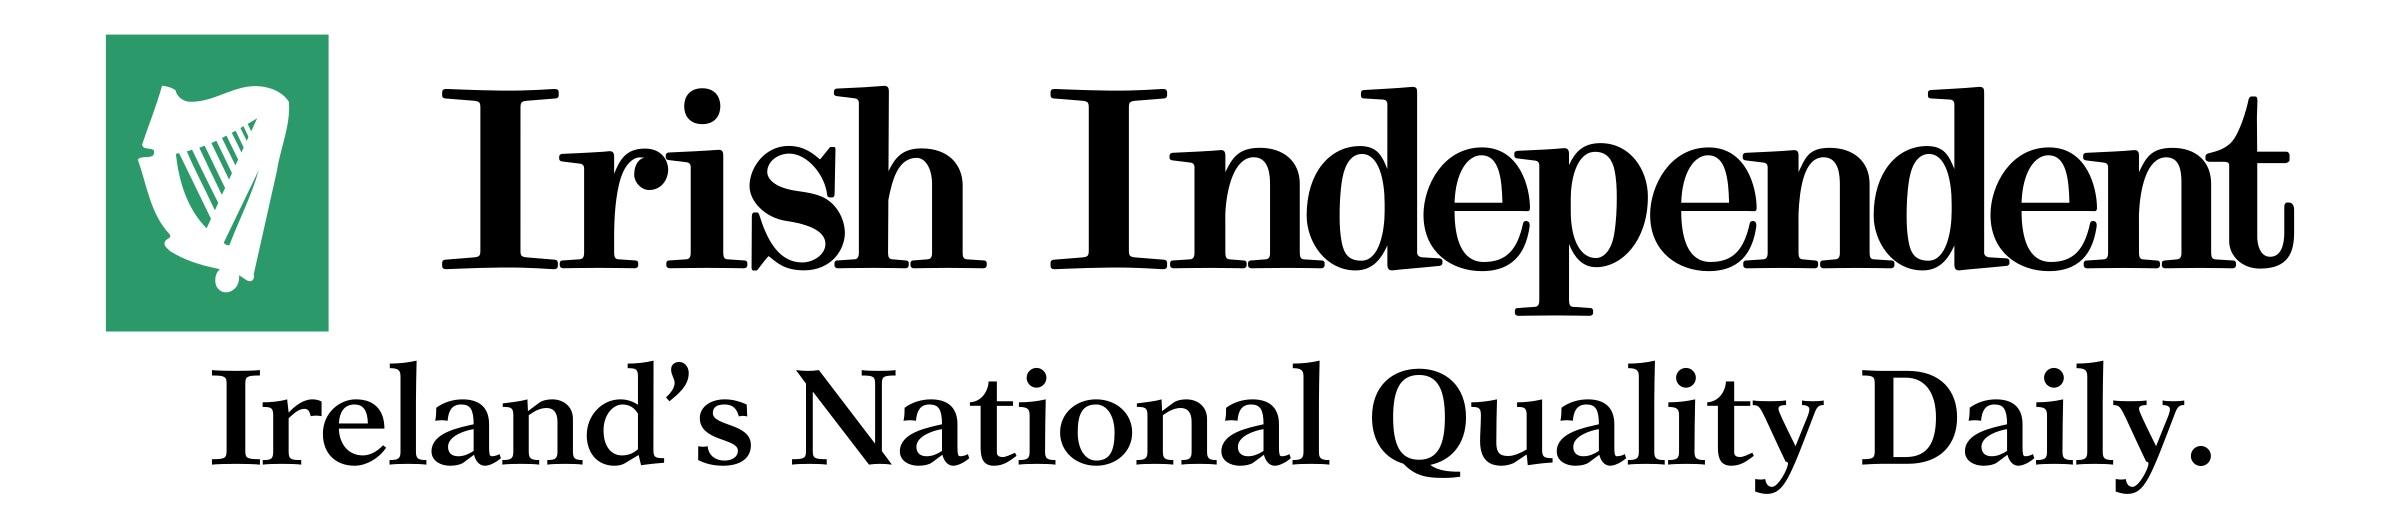 irish-independent-logo-png-transparent.jpg